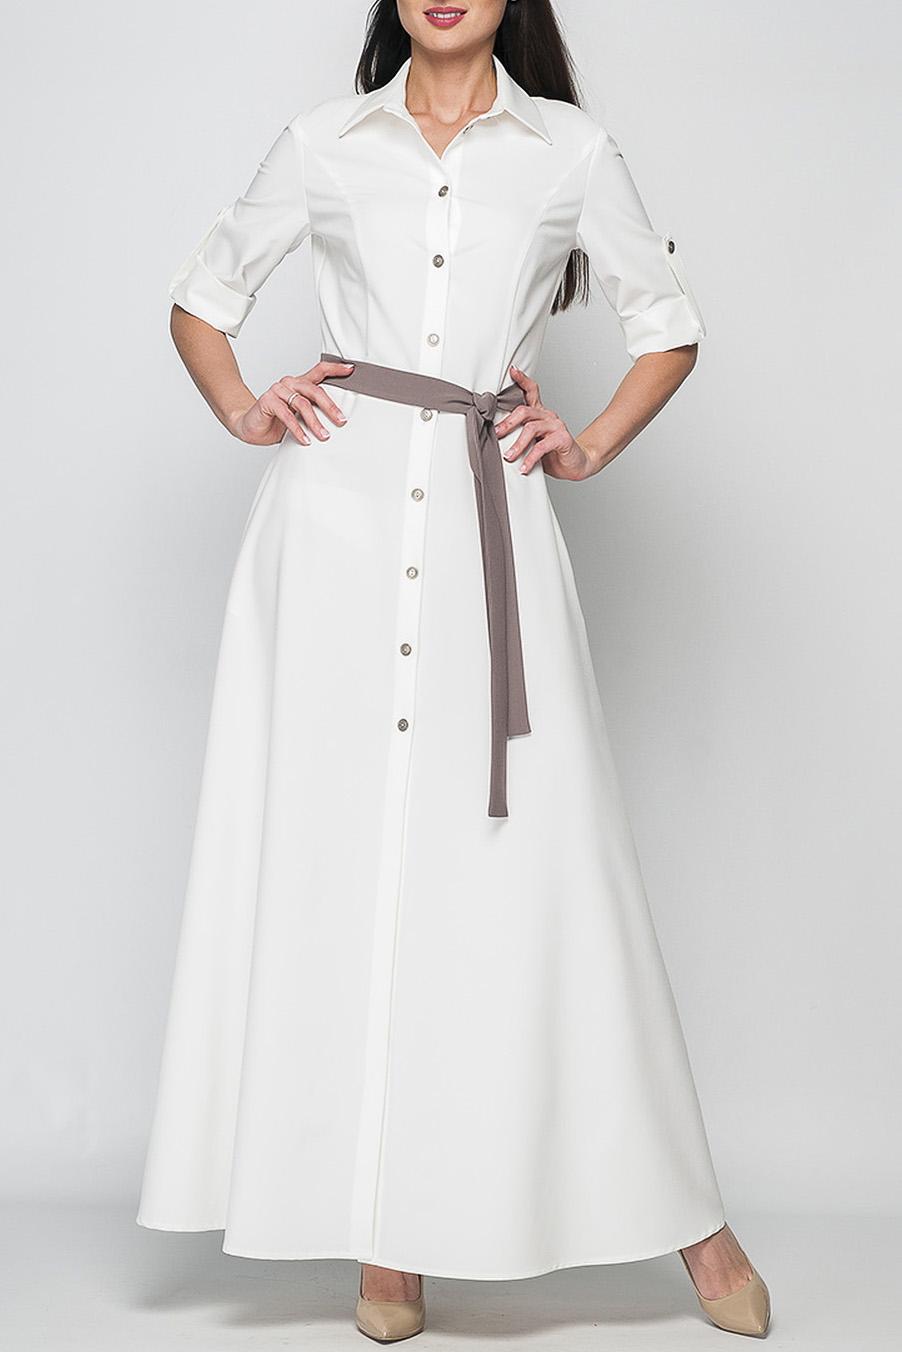 ПлатьеПлатья<br>Стильное женское платье-рубашка полуприлегающего силуэта, длина до щиколотки, воротник оформлен в рубашечном стиле.   Параметры изделия:  44 размер: обхват груди - 86 см, обхват талии - 78 см, длина рукава - 47см. длина изделия - 150 см;  52 размер: обхват груди - 104 см, обхват талии - 92 см,длина рукава - 47см, длина изделия - 155 см.  Цвет: белый.  Рост девушки-фотомодели 175 см<br><br>Воротник: Рубашечный<br>По длине: Макси<br>По материалу: Тканевые<br>По рисунку: Однотонные<br>По стилю: Повседневный стиль<br>По форме: Платье - рубашка,Платье - трапеция<br>По элементам: С отделочной фурнитурой,С патами<br>Рукав: До локтя<br>По сезону: Лето<br>По силуэту: Приталенные<br>Размер : 42<br>Материал: Плательная ткань<br>Количество в наличии: 1